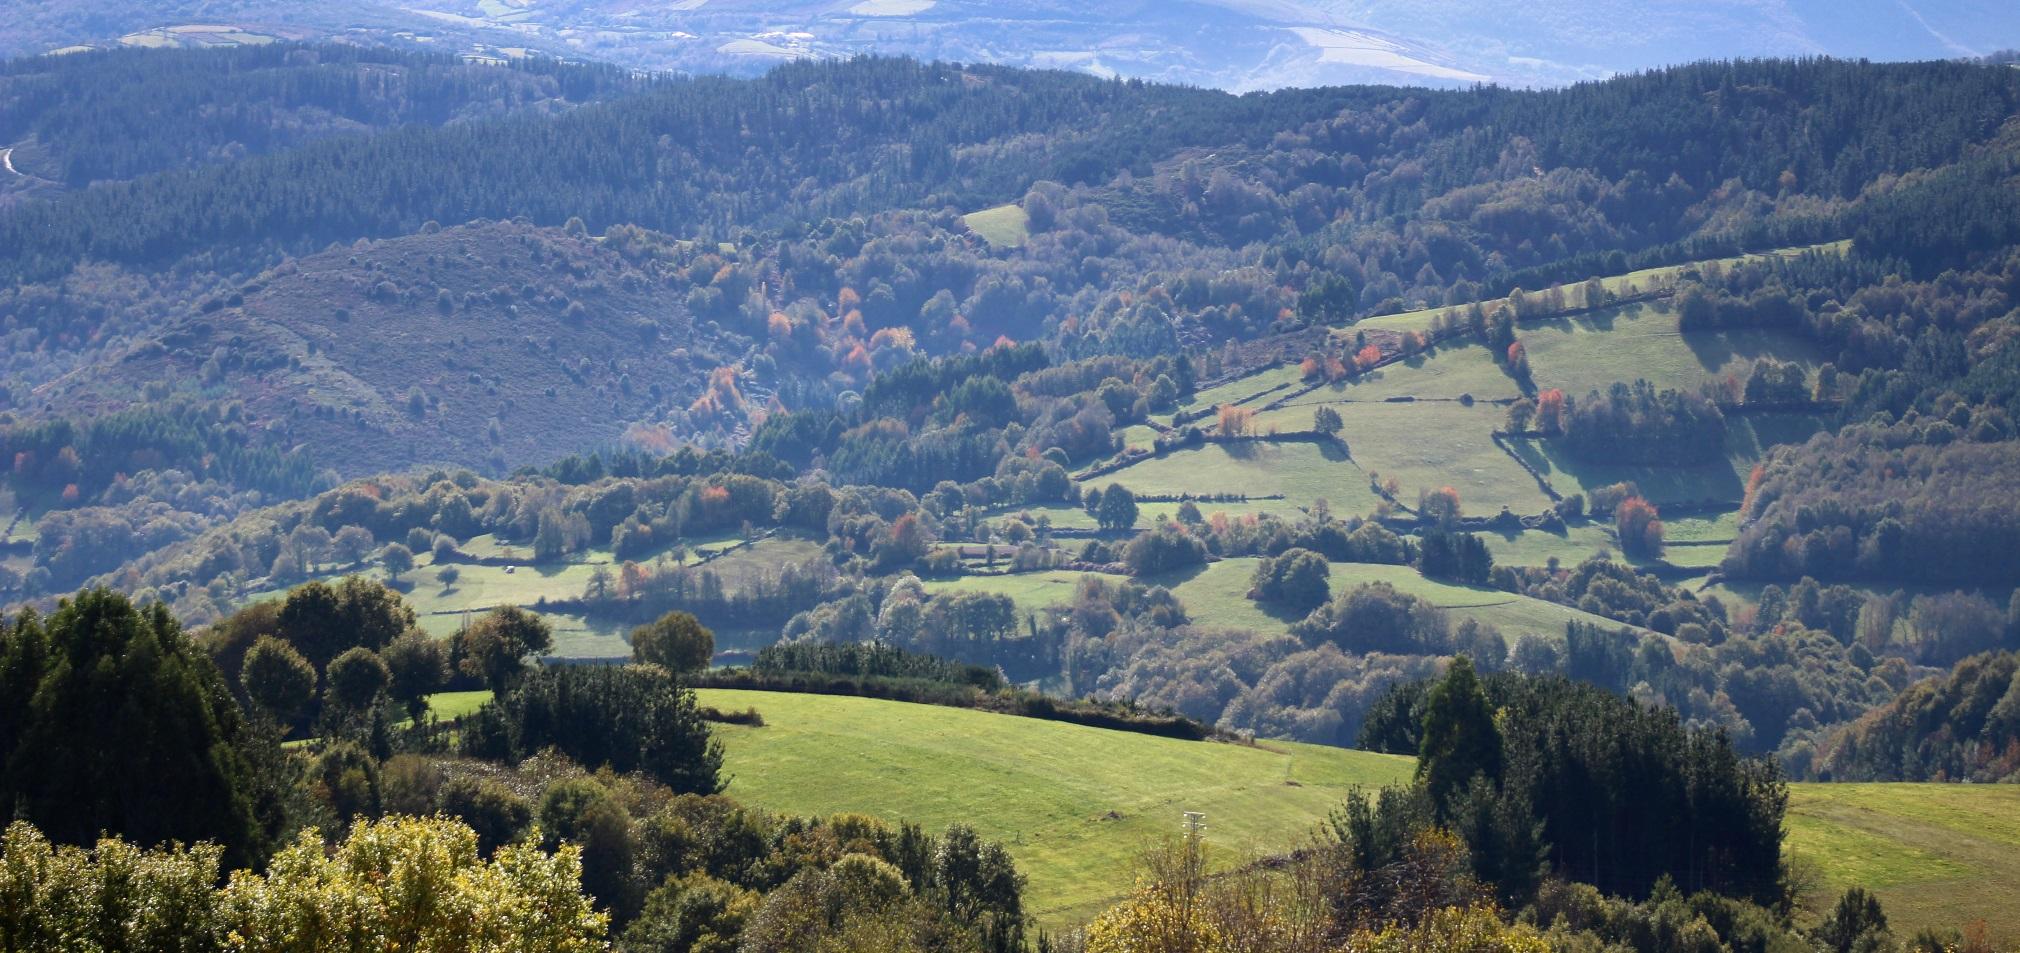 paisaxe, medio natural, natureza